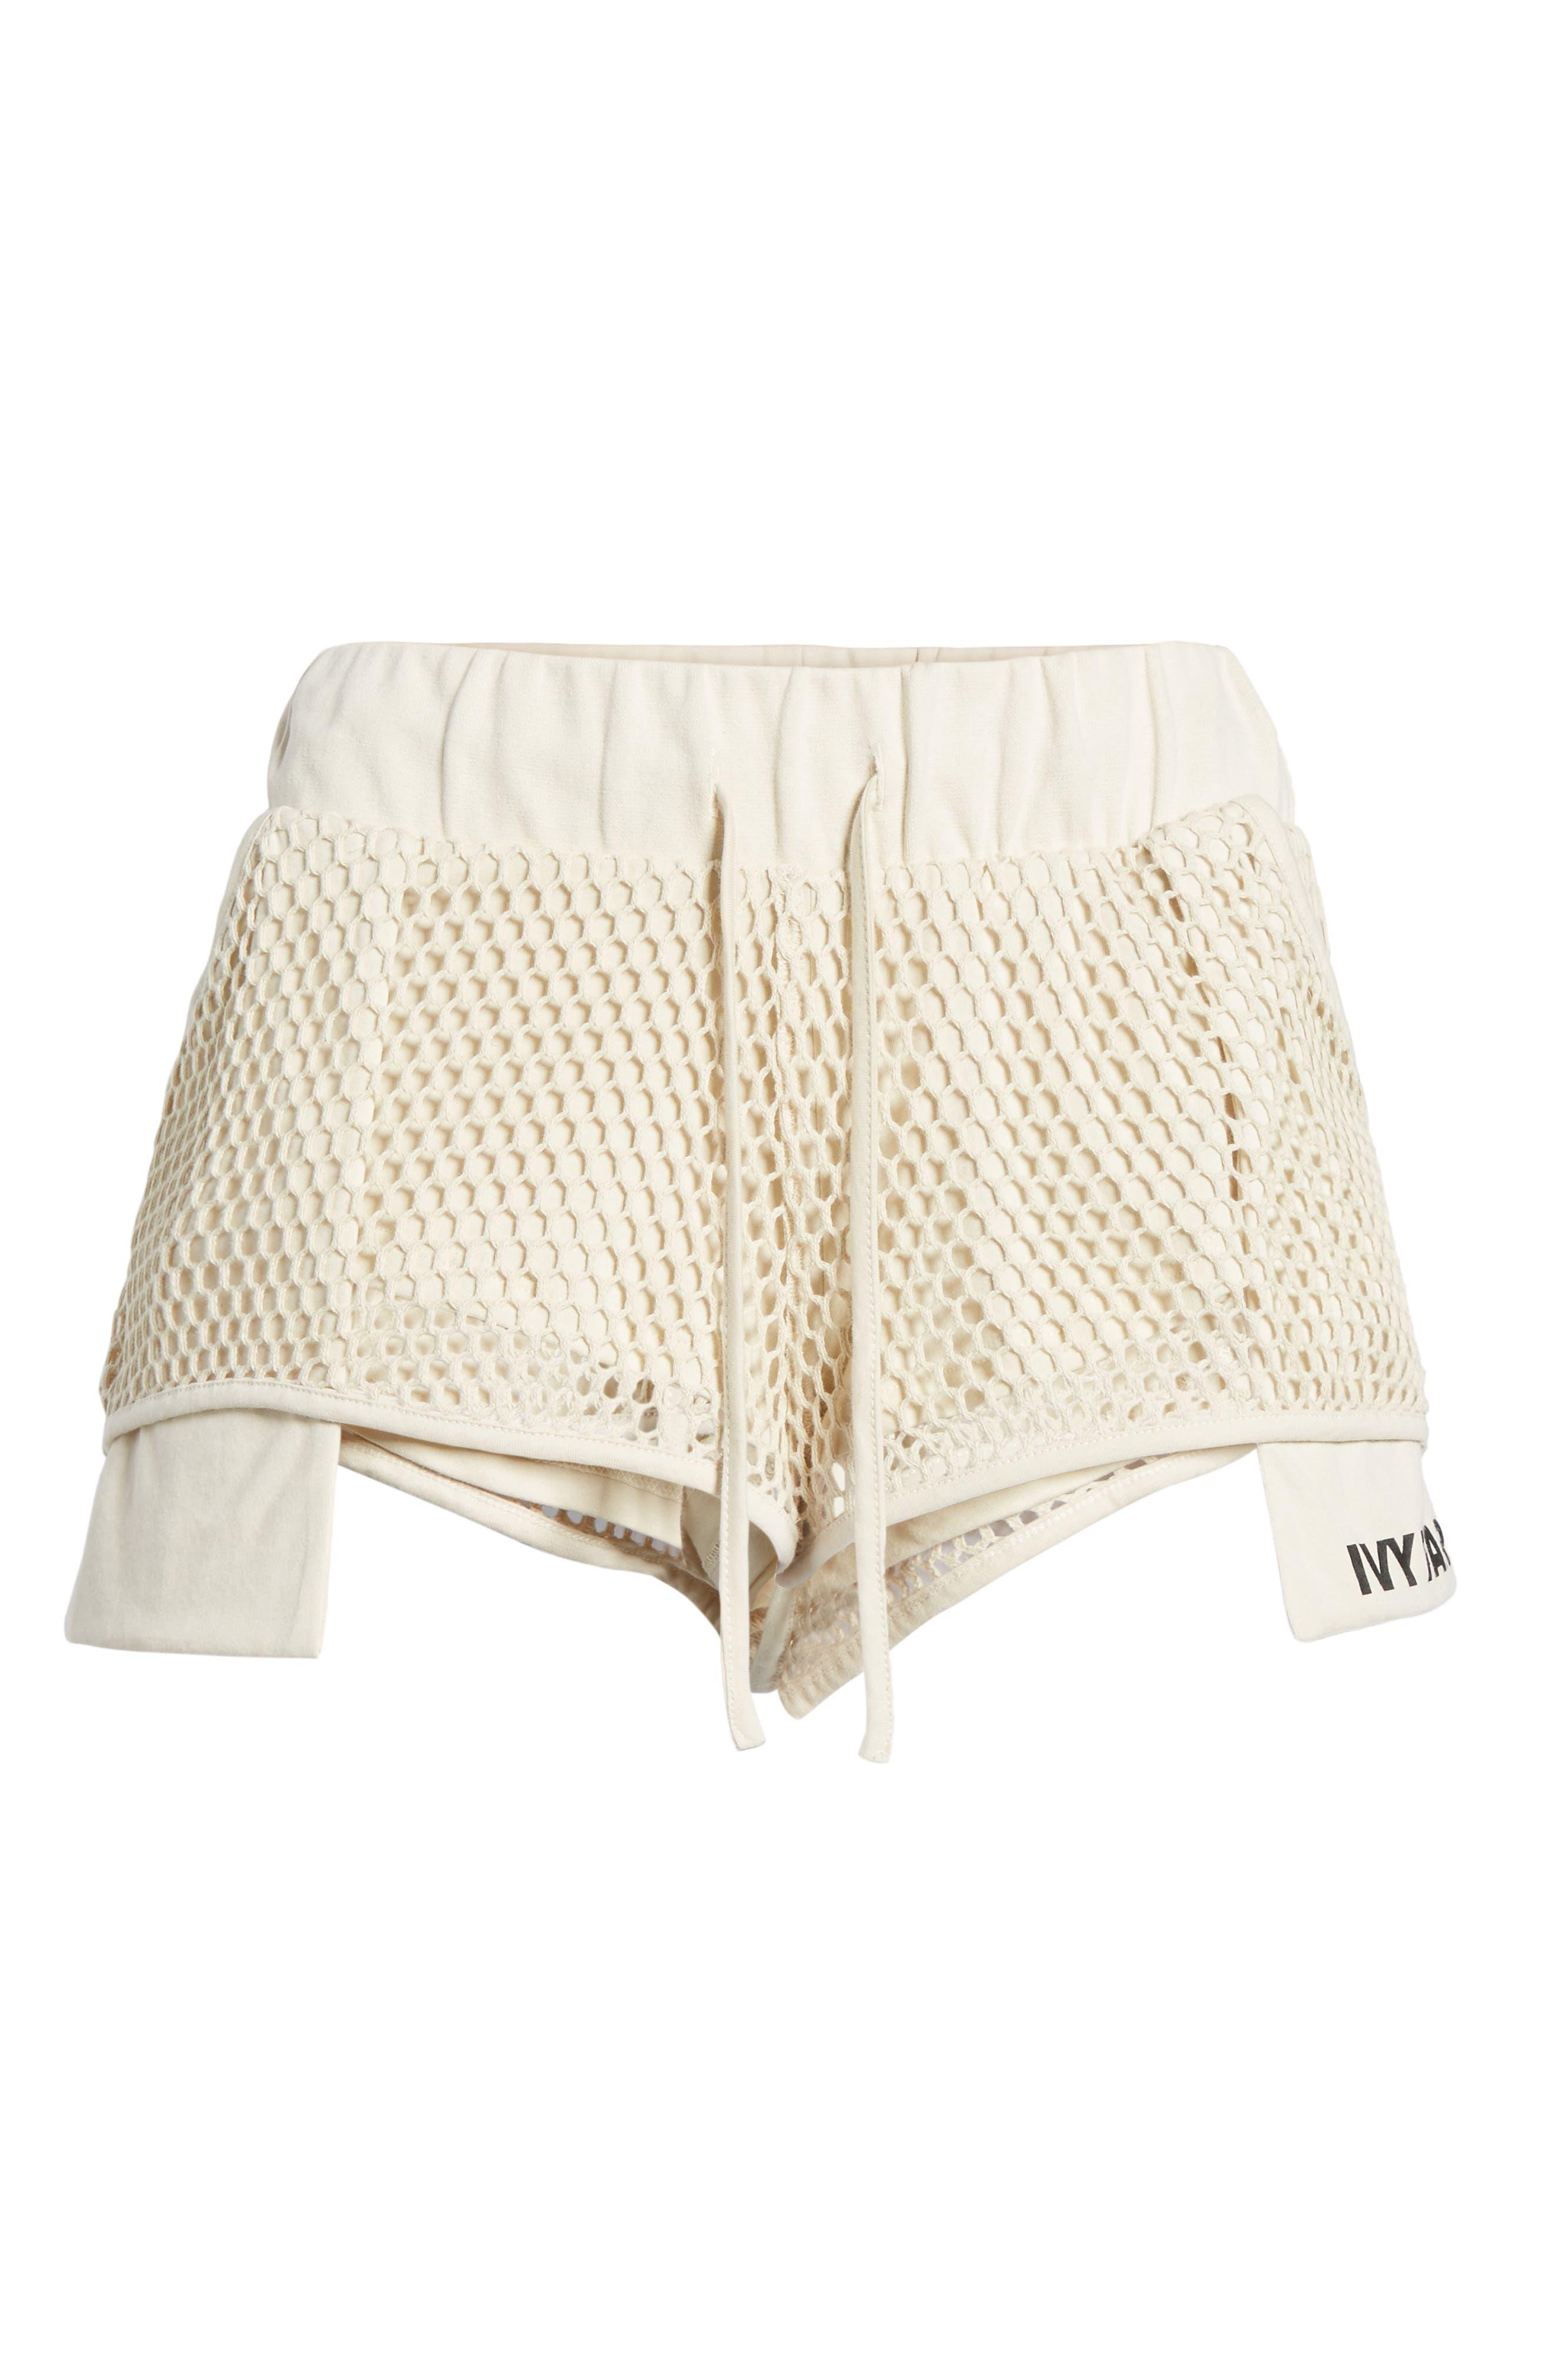 Mesh Shorts,                             Alternate thumbnail 7, color,                             271